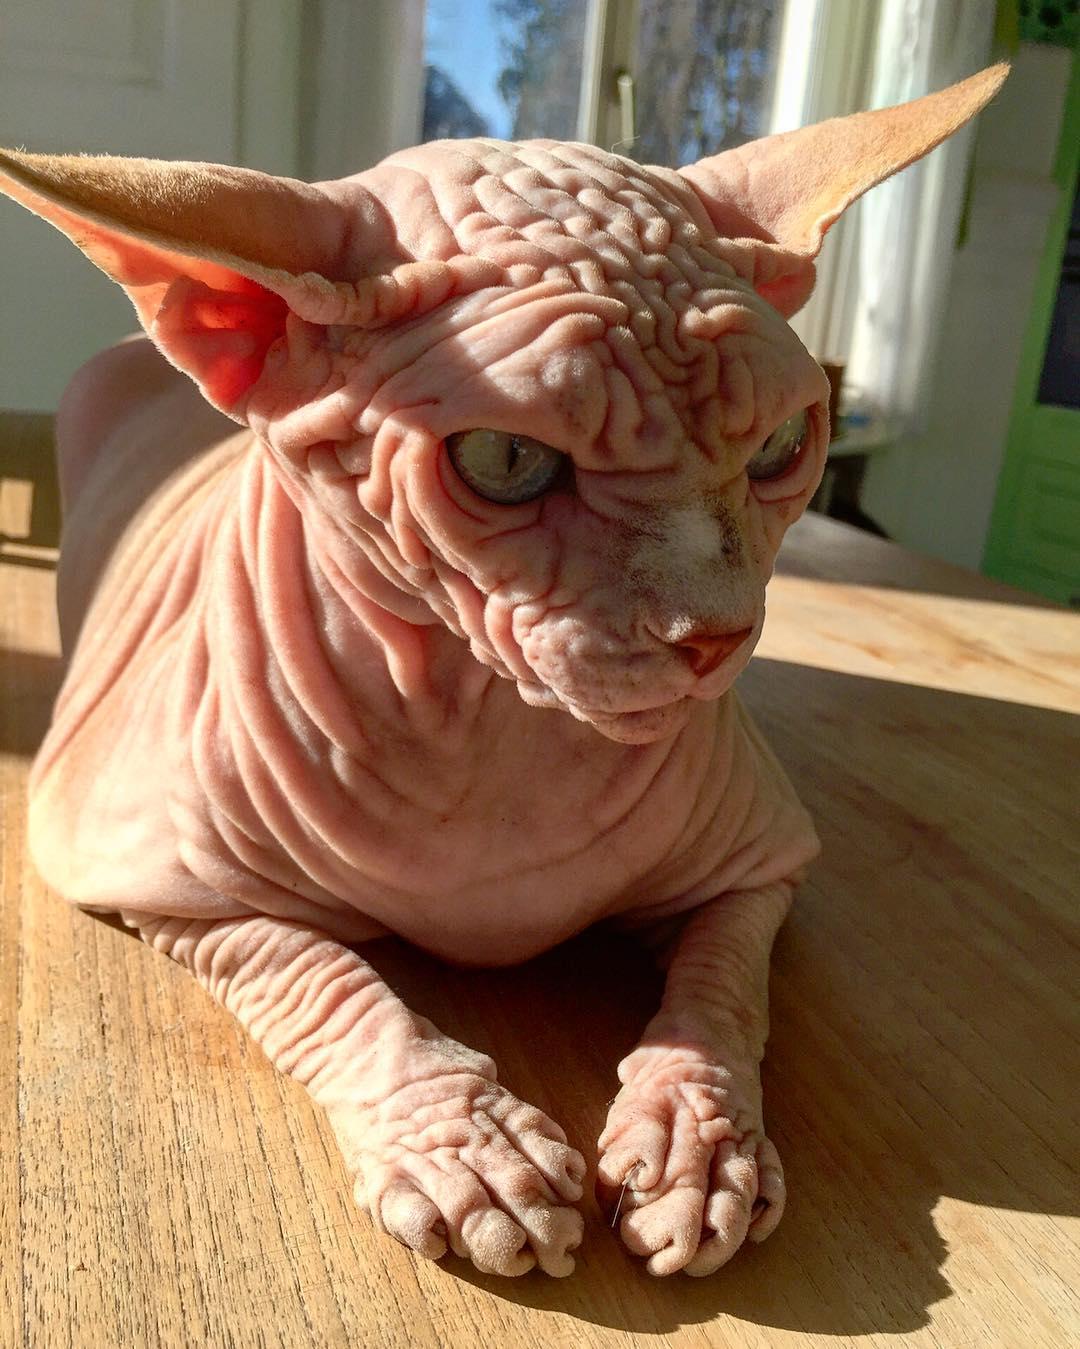 Лысый кот с суровым взглядом популярен в Instagram